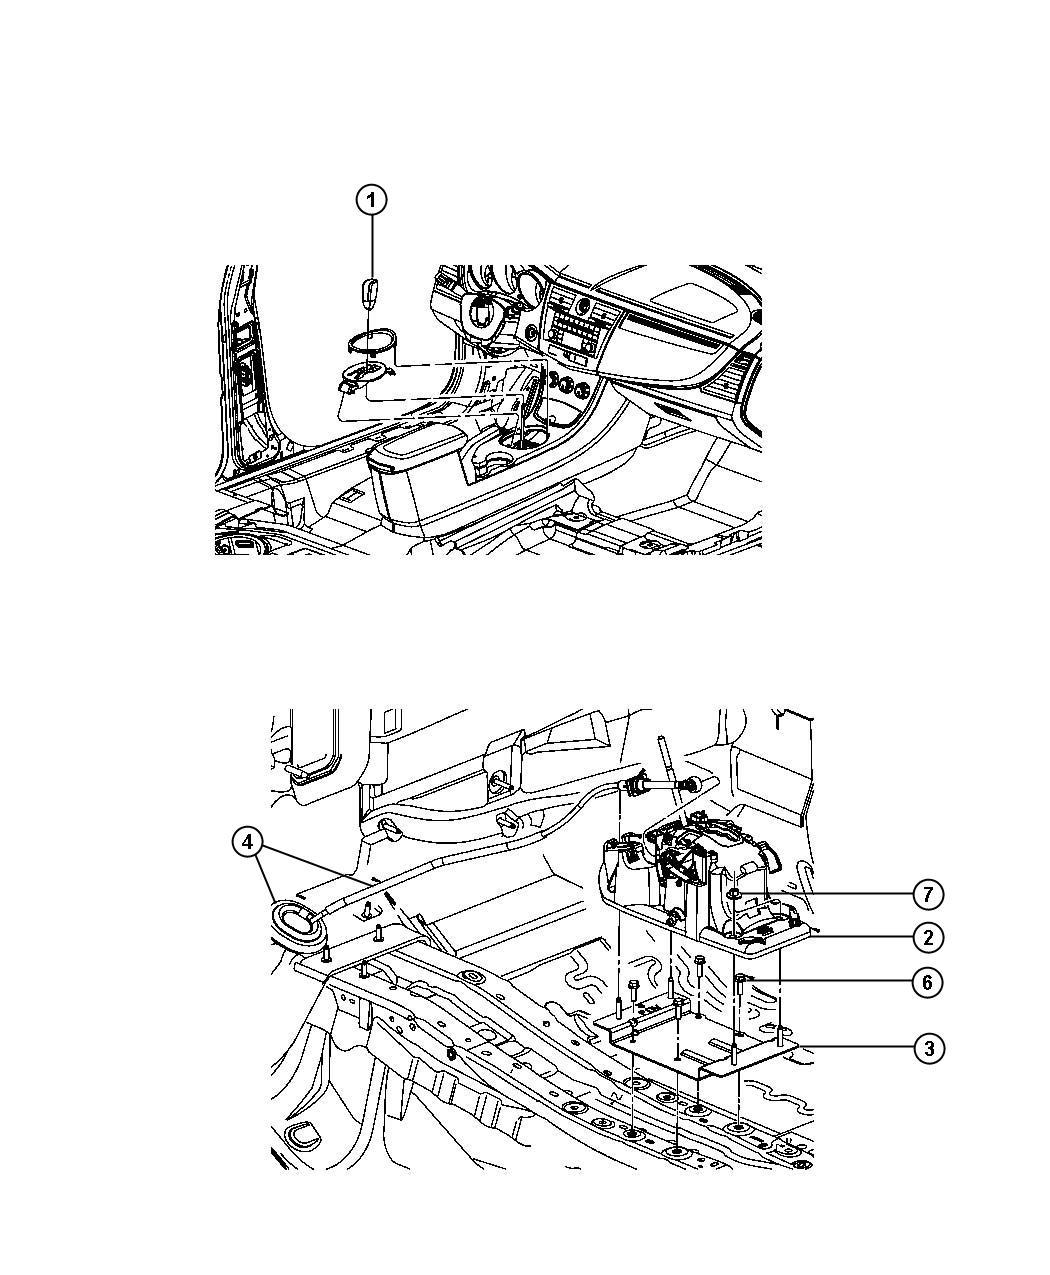 2009 Dodge Avenger Transmission: 2008 Dodge Avenger Gearshift Controls